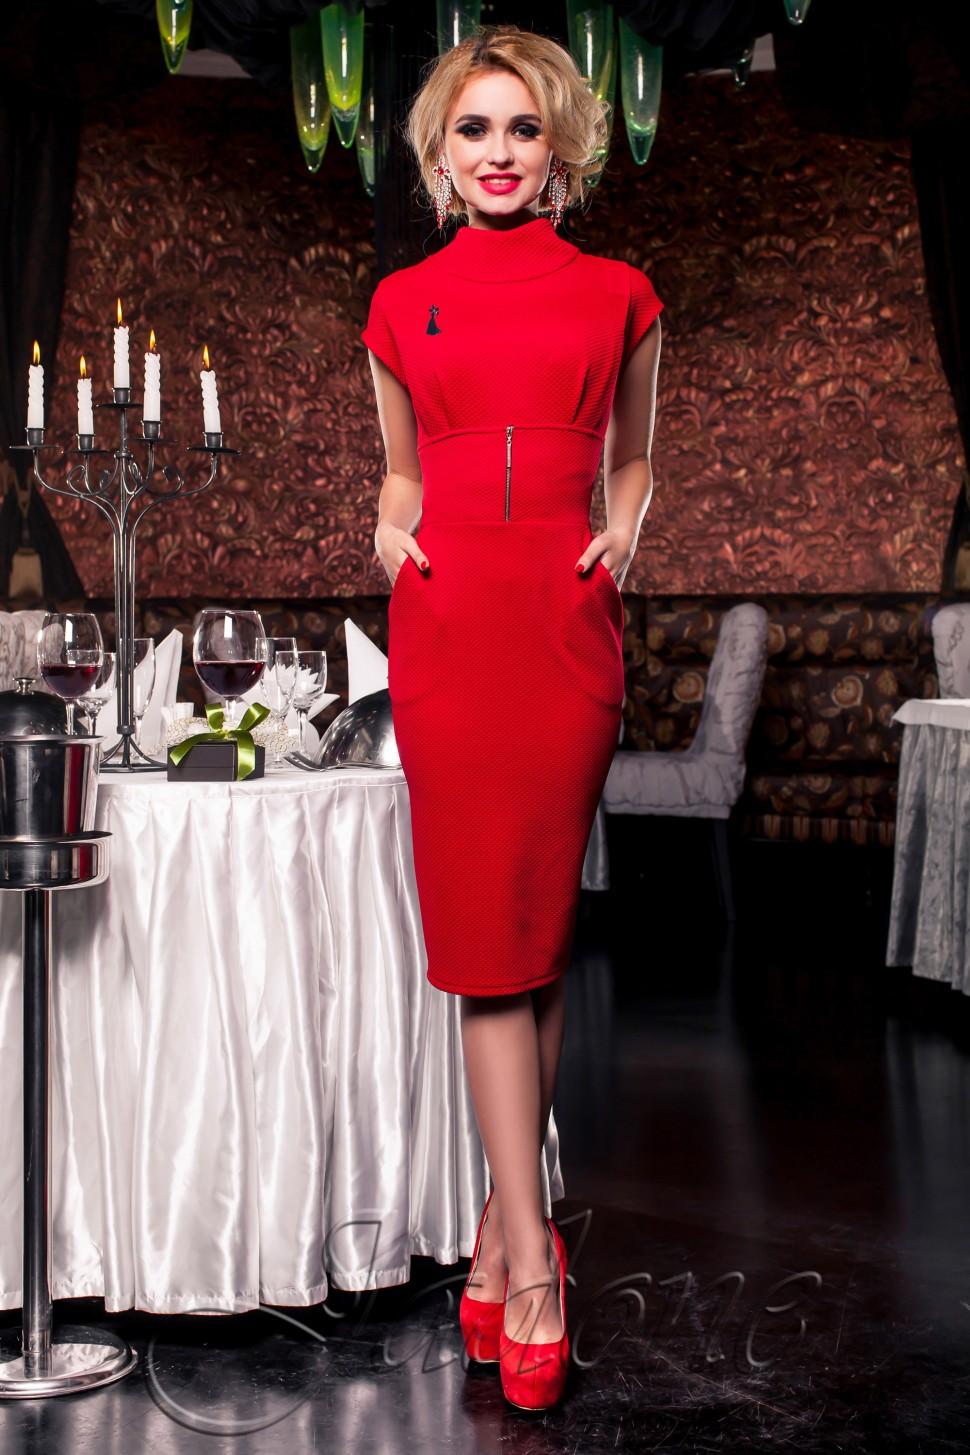 f1fbbe7931c Купить платье футляр с карманами jdn9 красное в интернет магазине ...